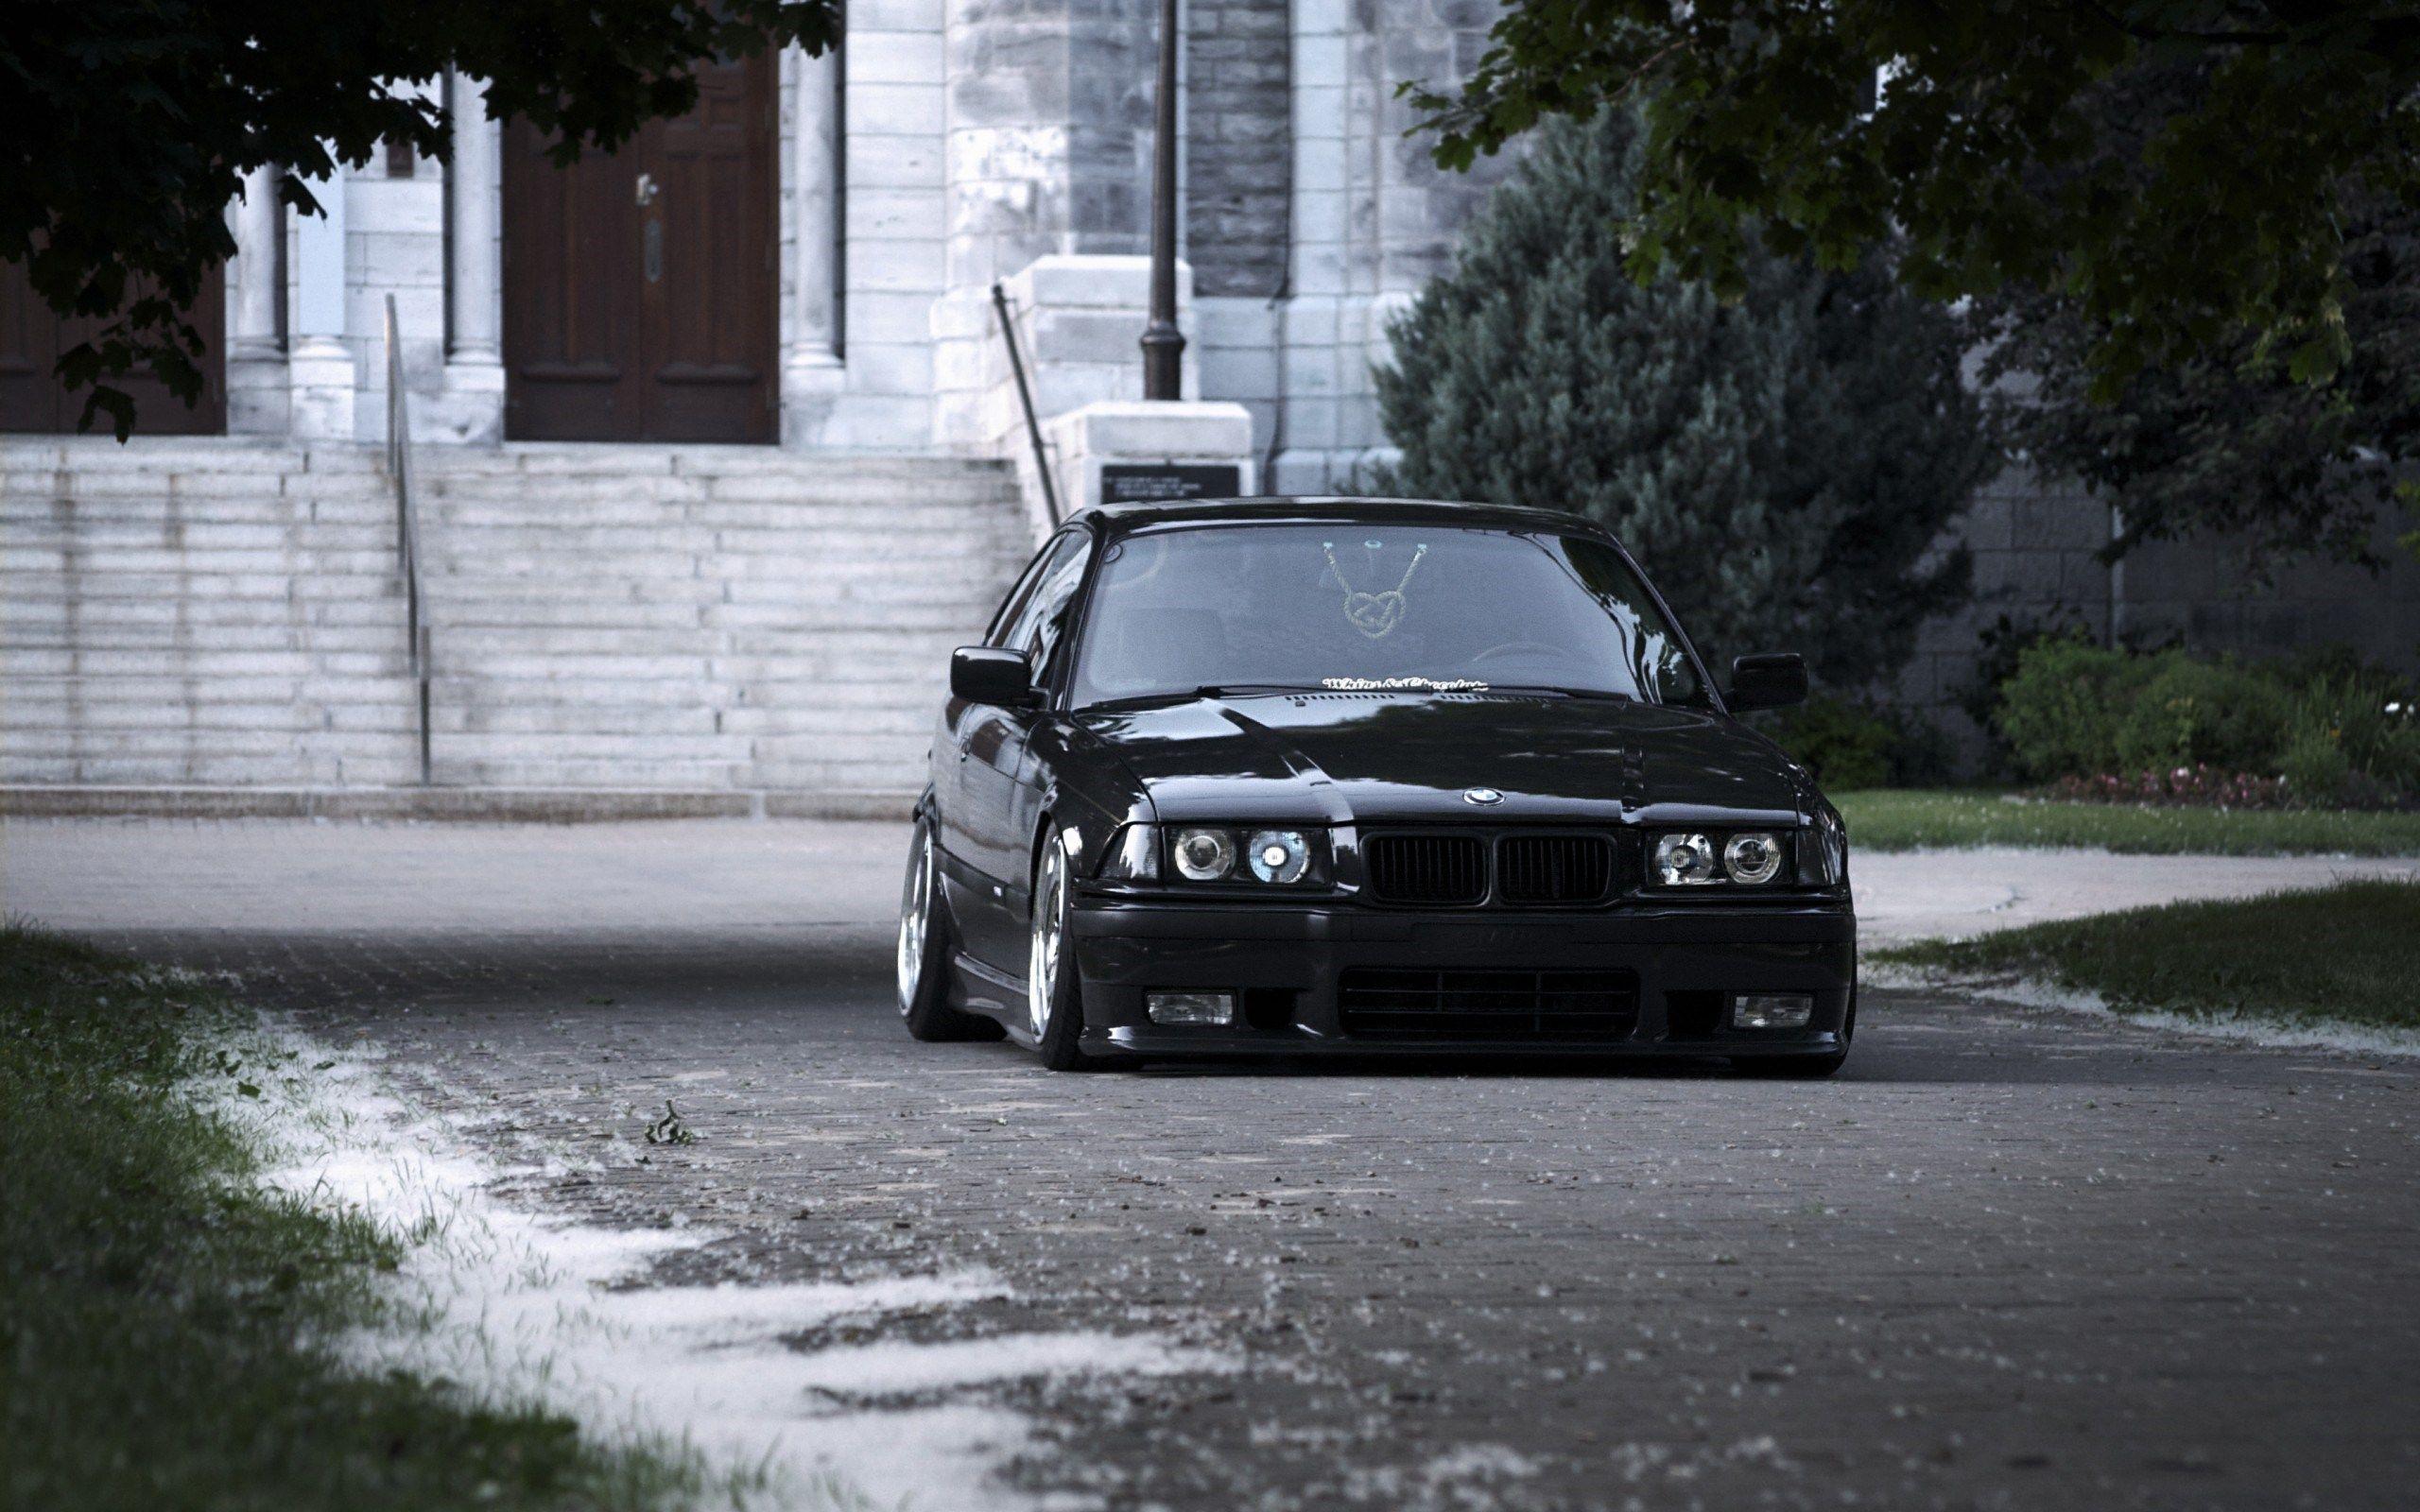 BMW E36 Wallpaper 04   [2560x1600] 2560x1600